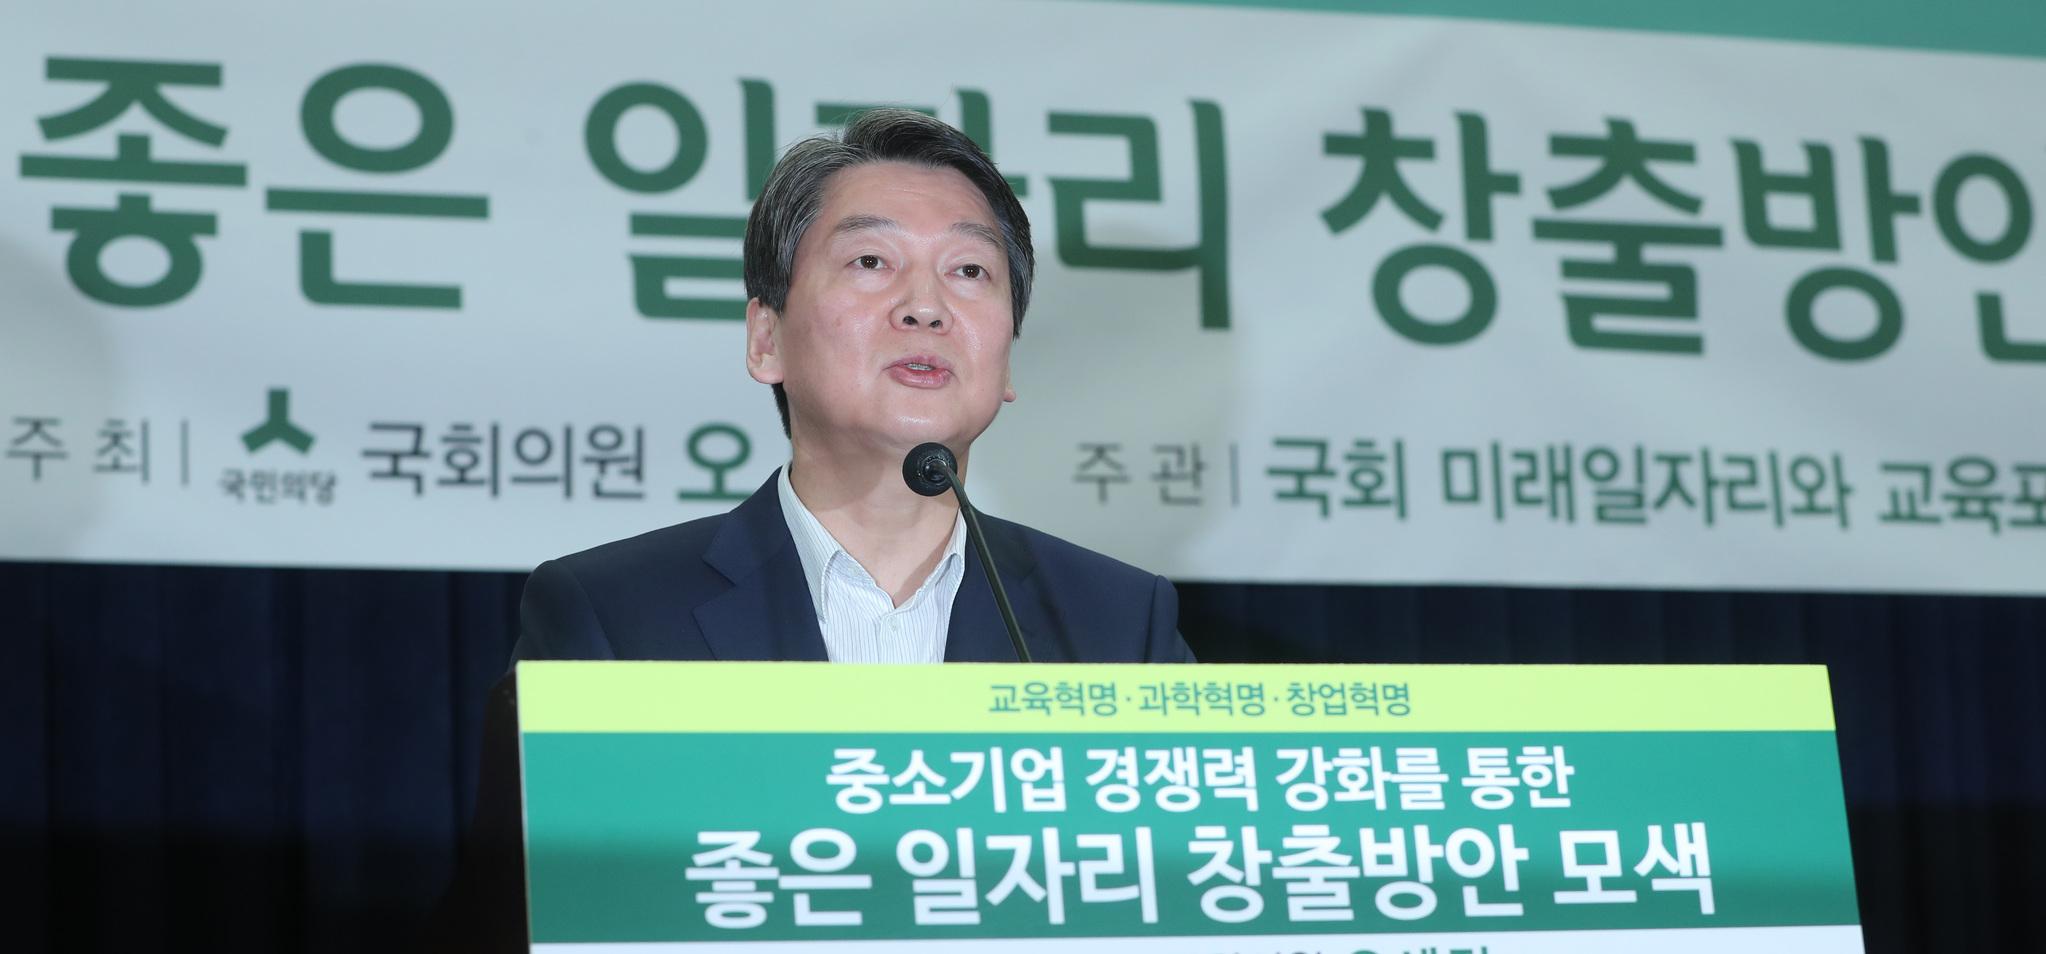 """안철수, """"중소기업 취업 청년 임금 지원…직무형정규직 도입"""""""